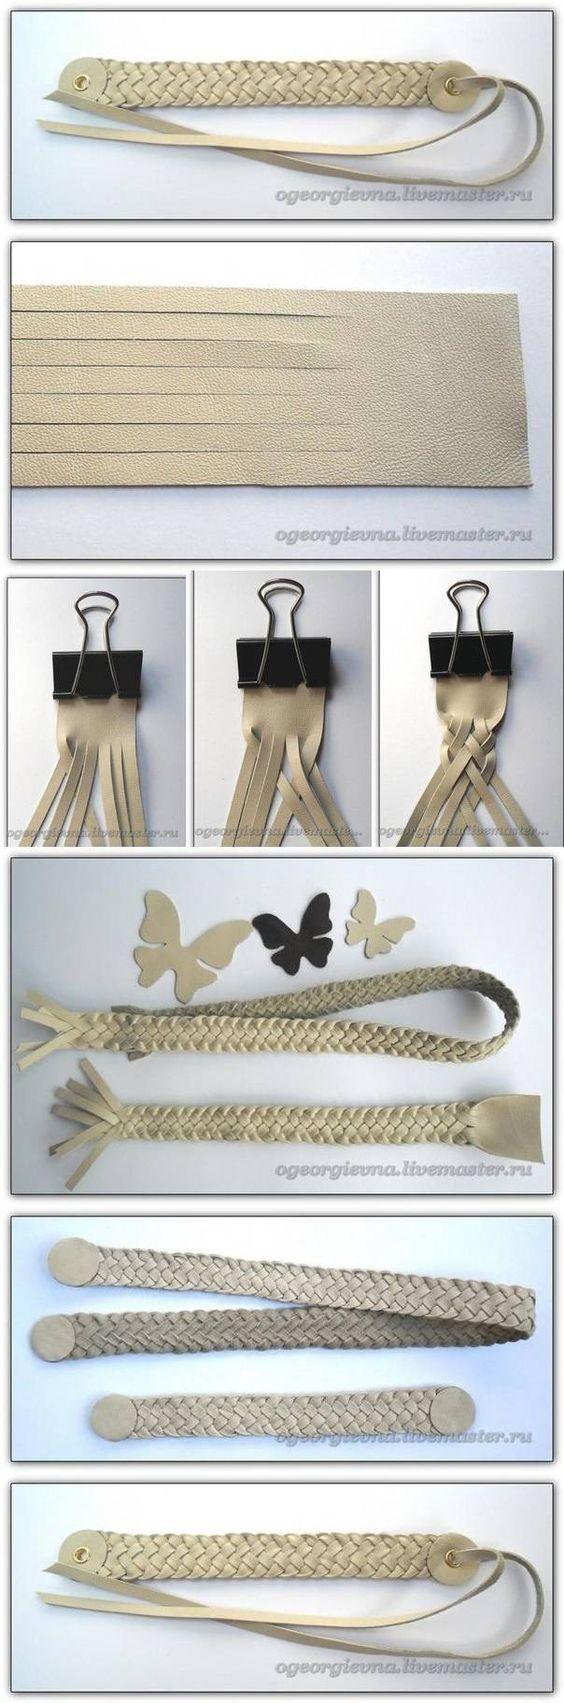 DIY Bracelets to Make DIY Projects | UsefulDIY.com